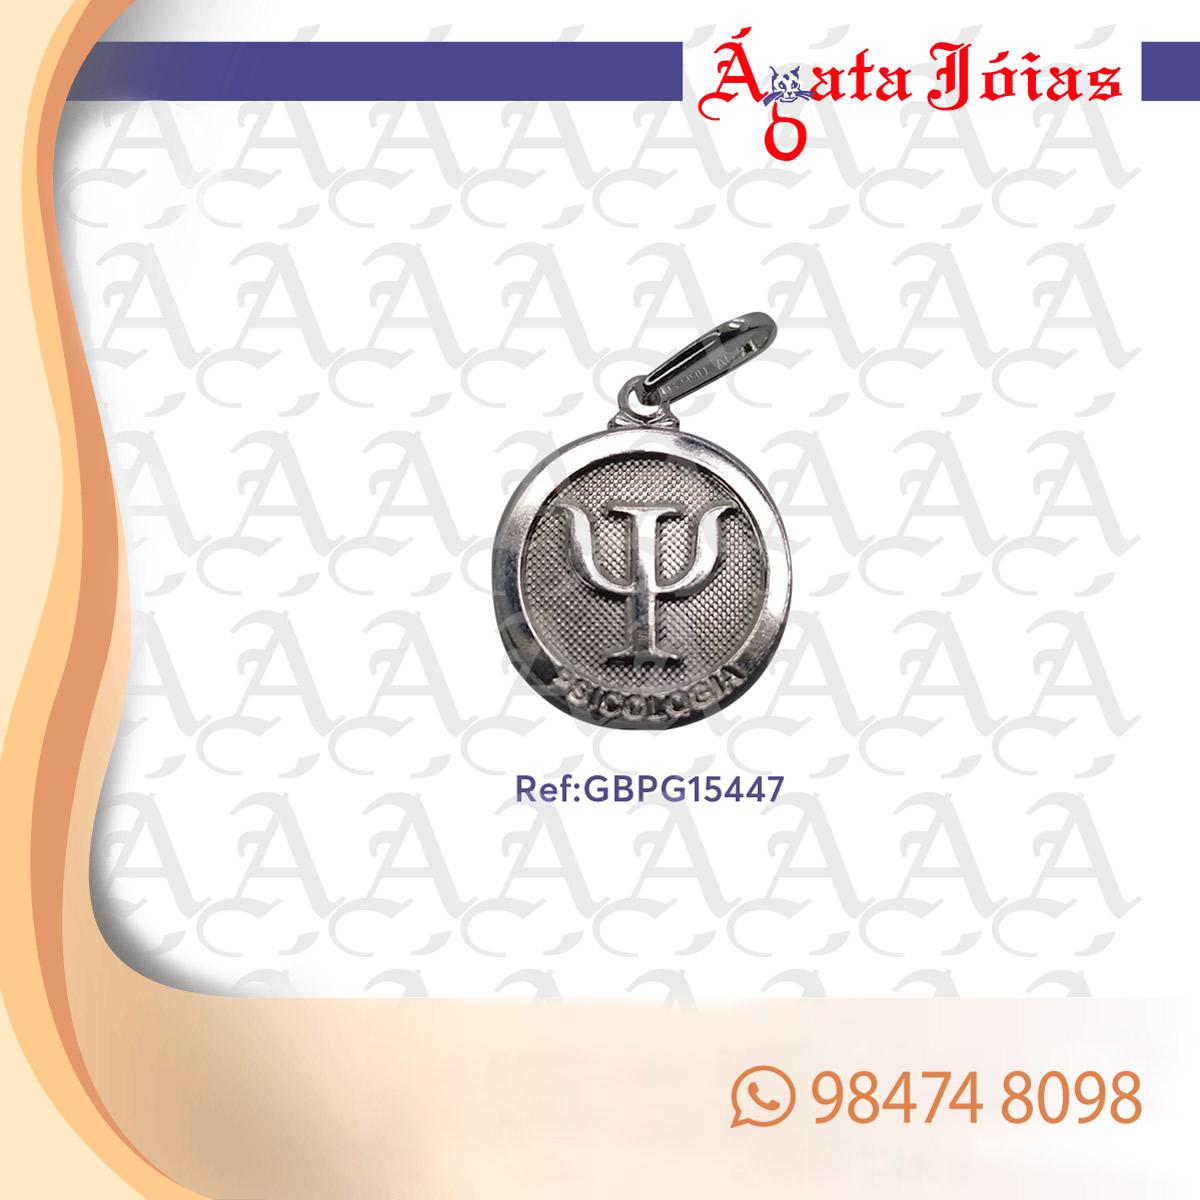 GBPG15447